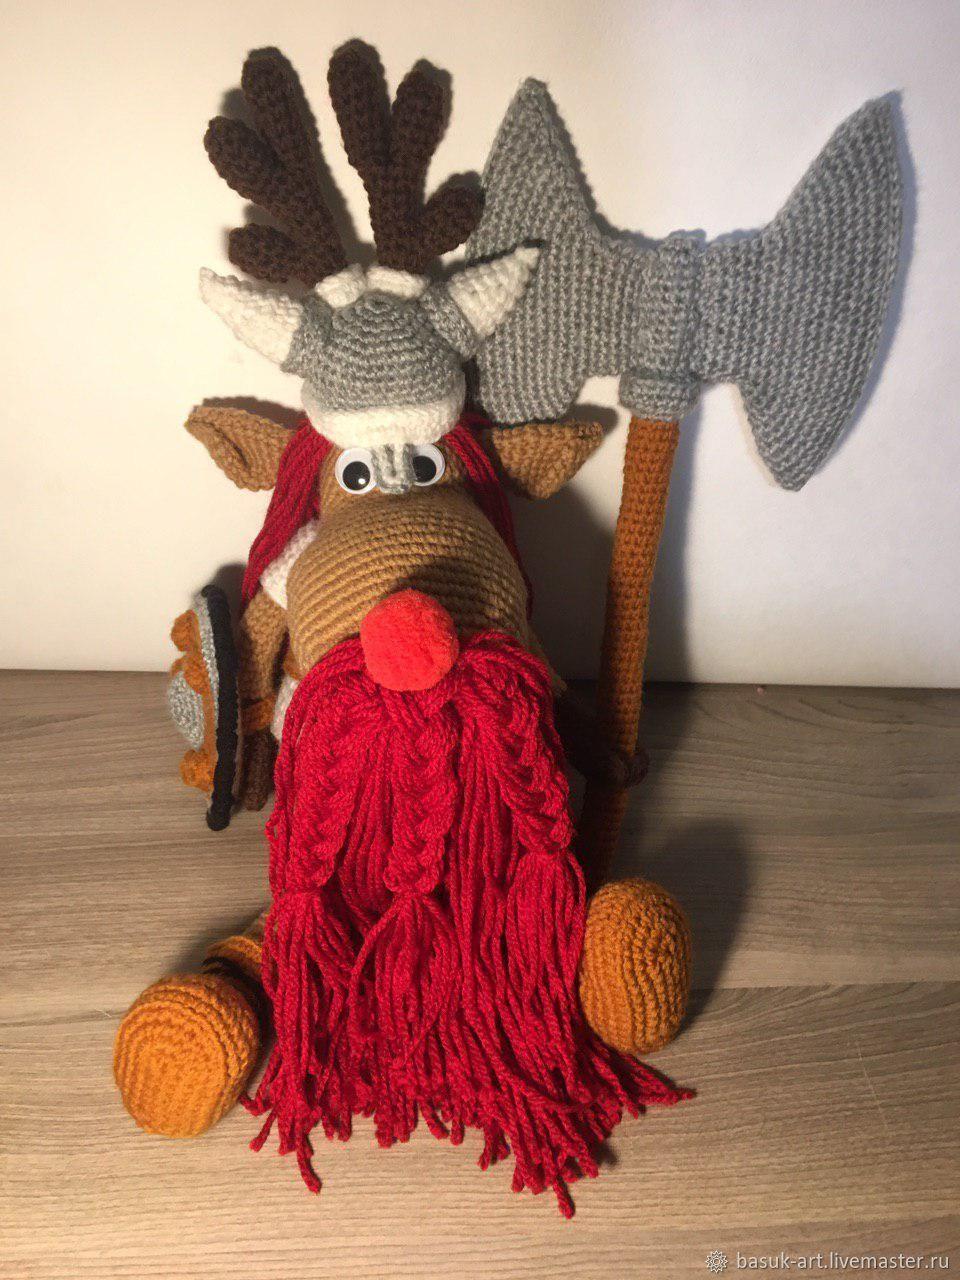 Вязанная мягкая игрушка Лось-Викинг. Игрушка для детей, Мягкие игрушки, Краснодар,  Фото №1